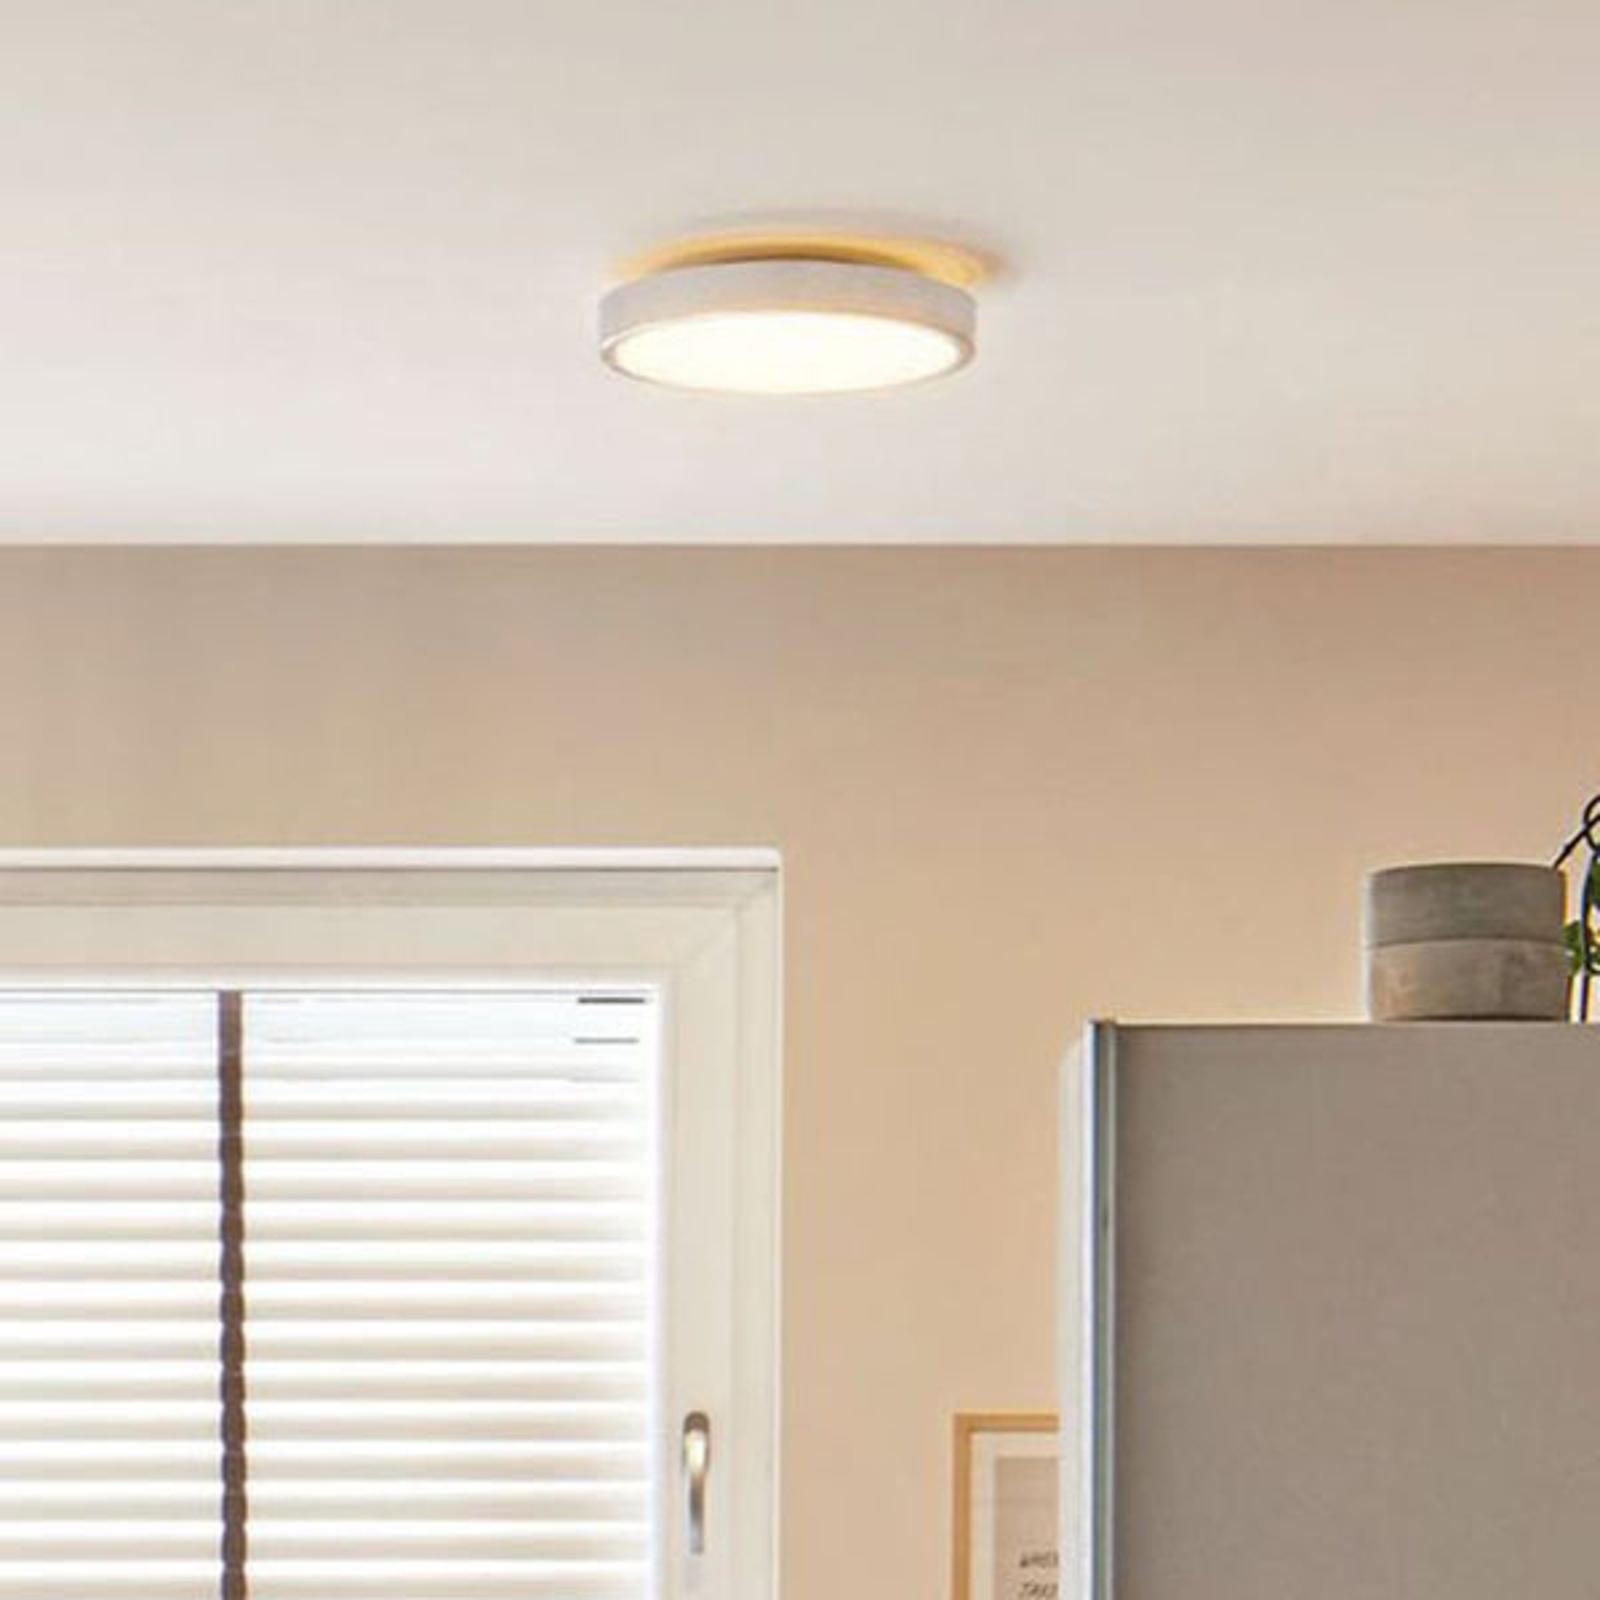 Paulmann Aviar LED-Deckenlampe 2.700K Ø 30cm chrom